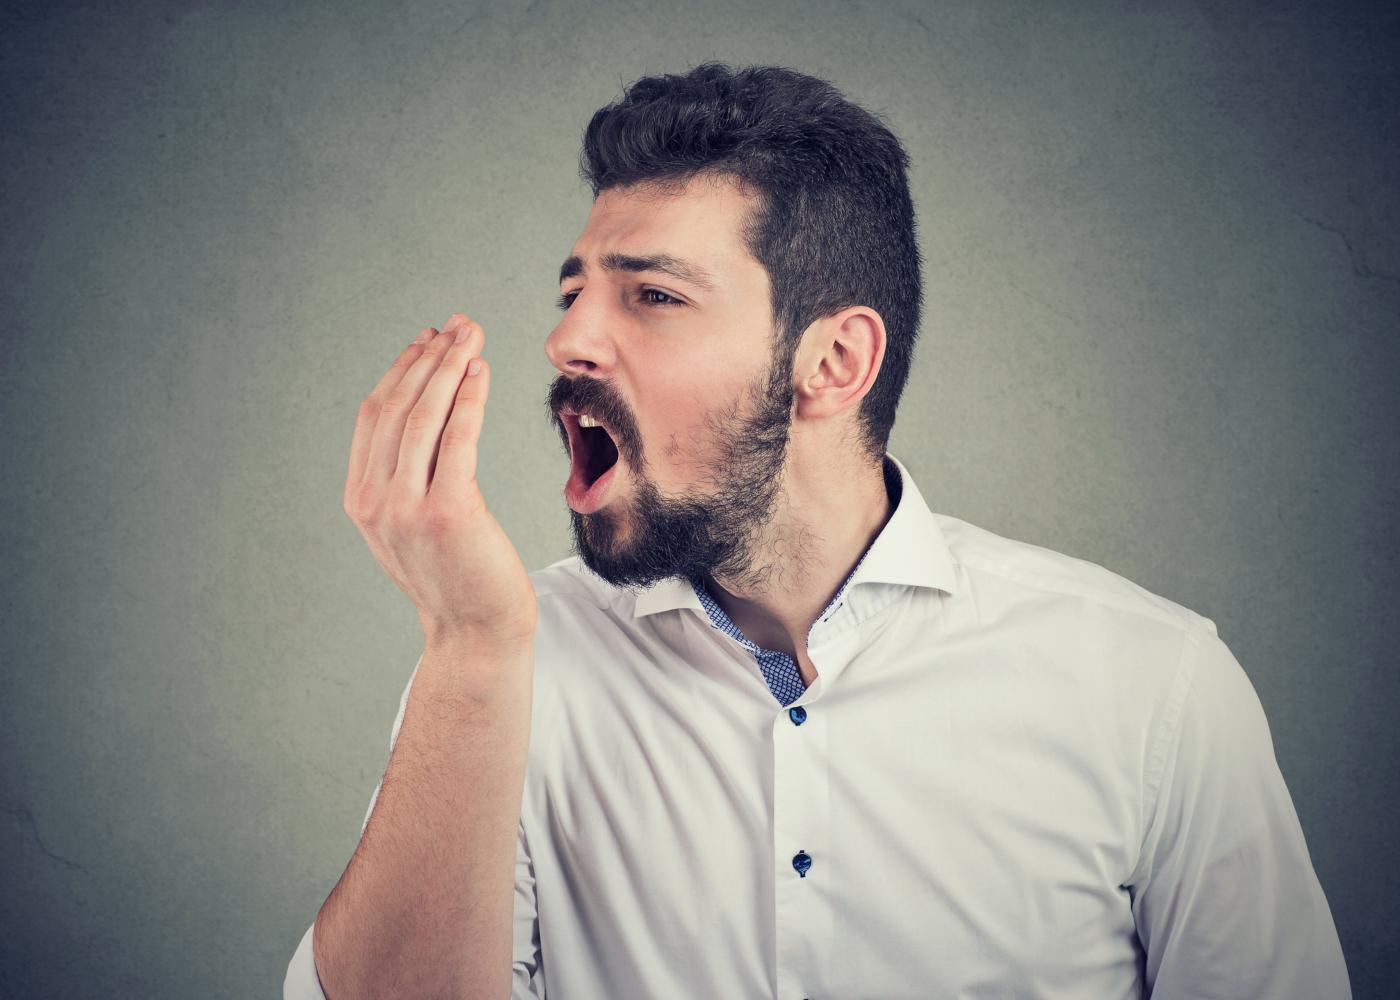 Homem a inspeccionar mau hálito